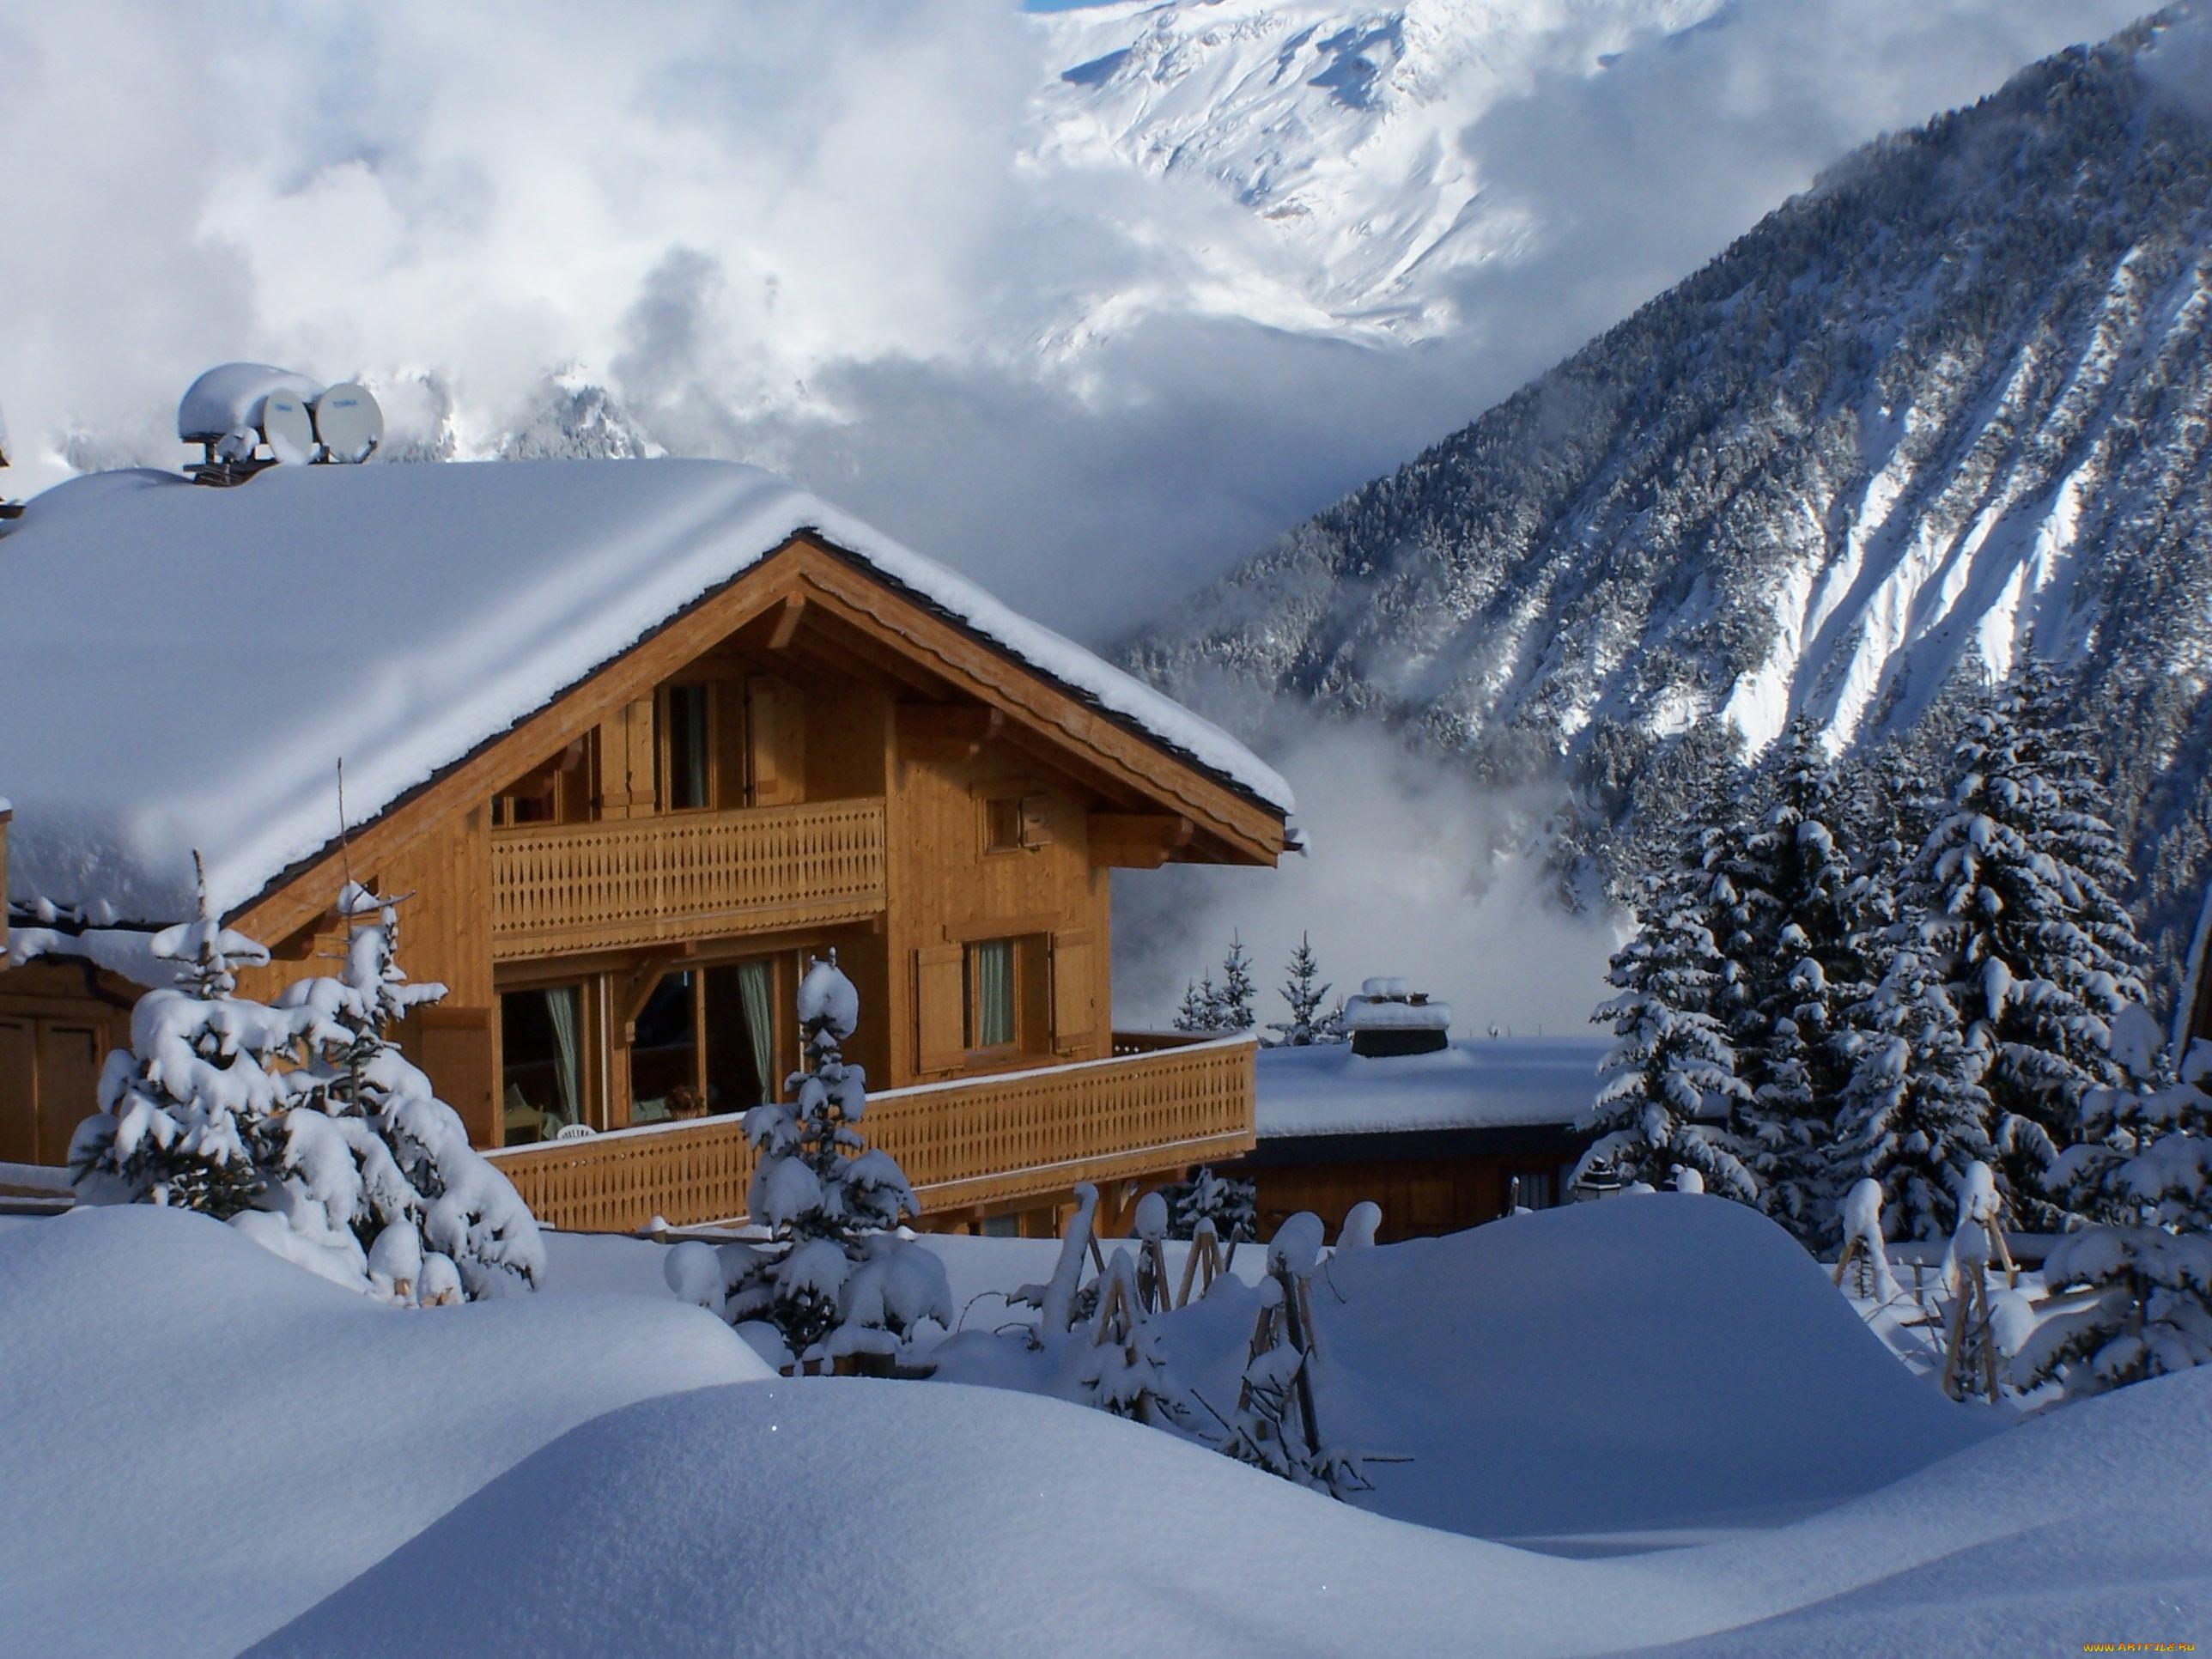 Дом под снегом картинки